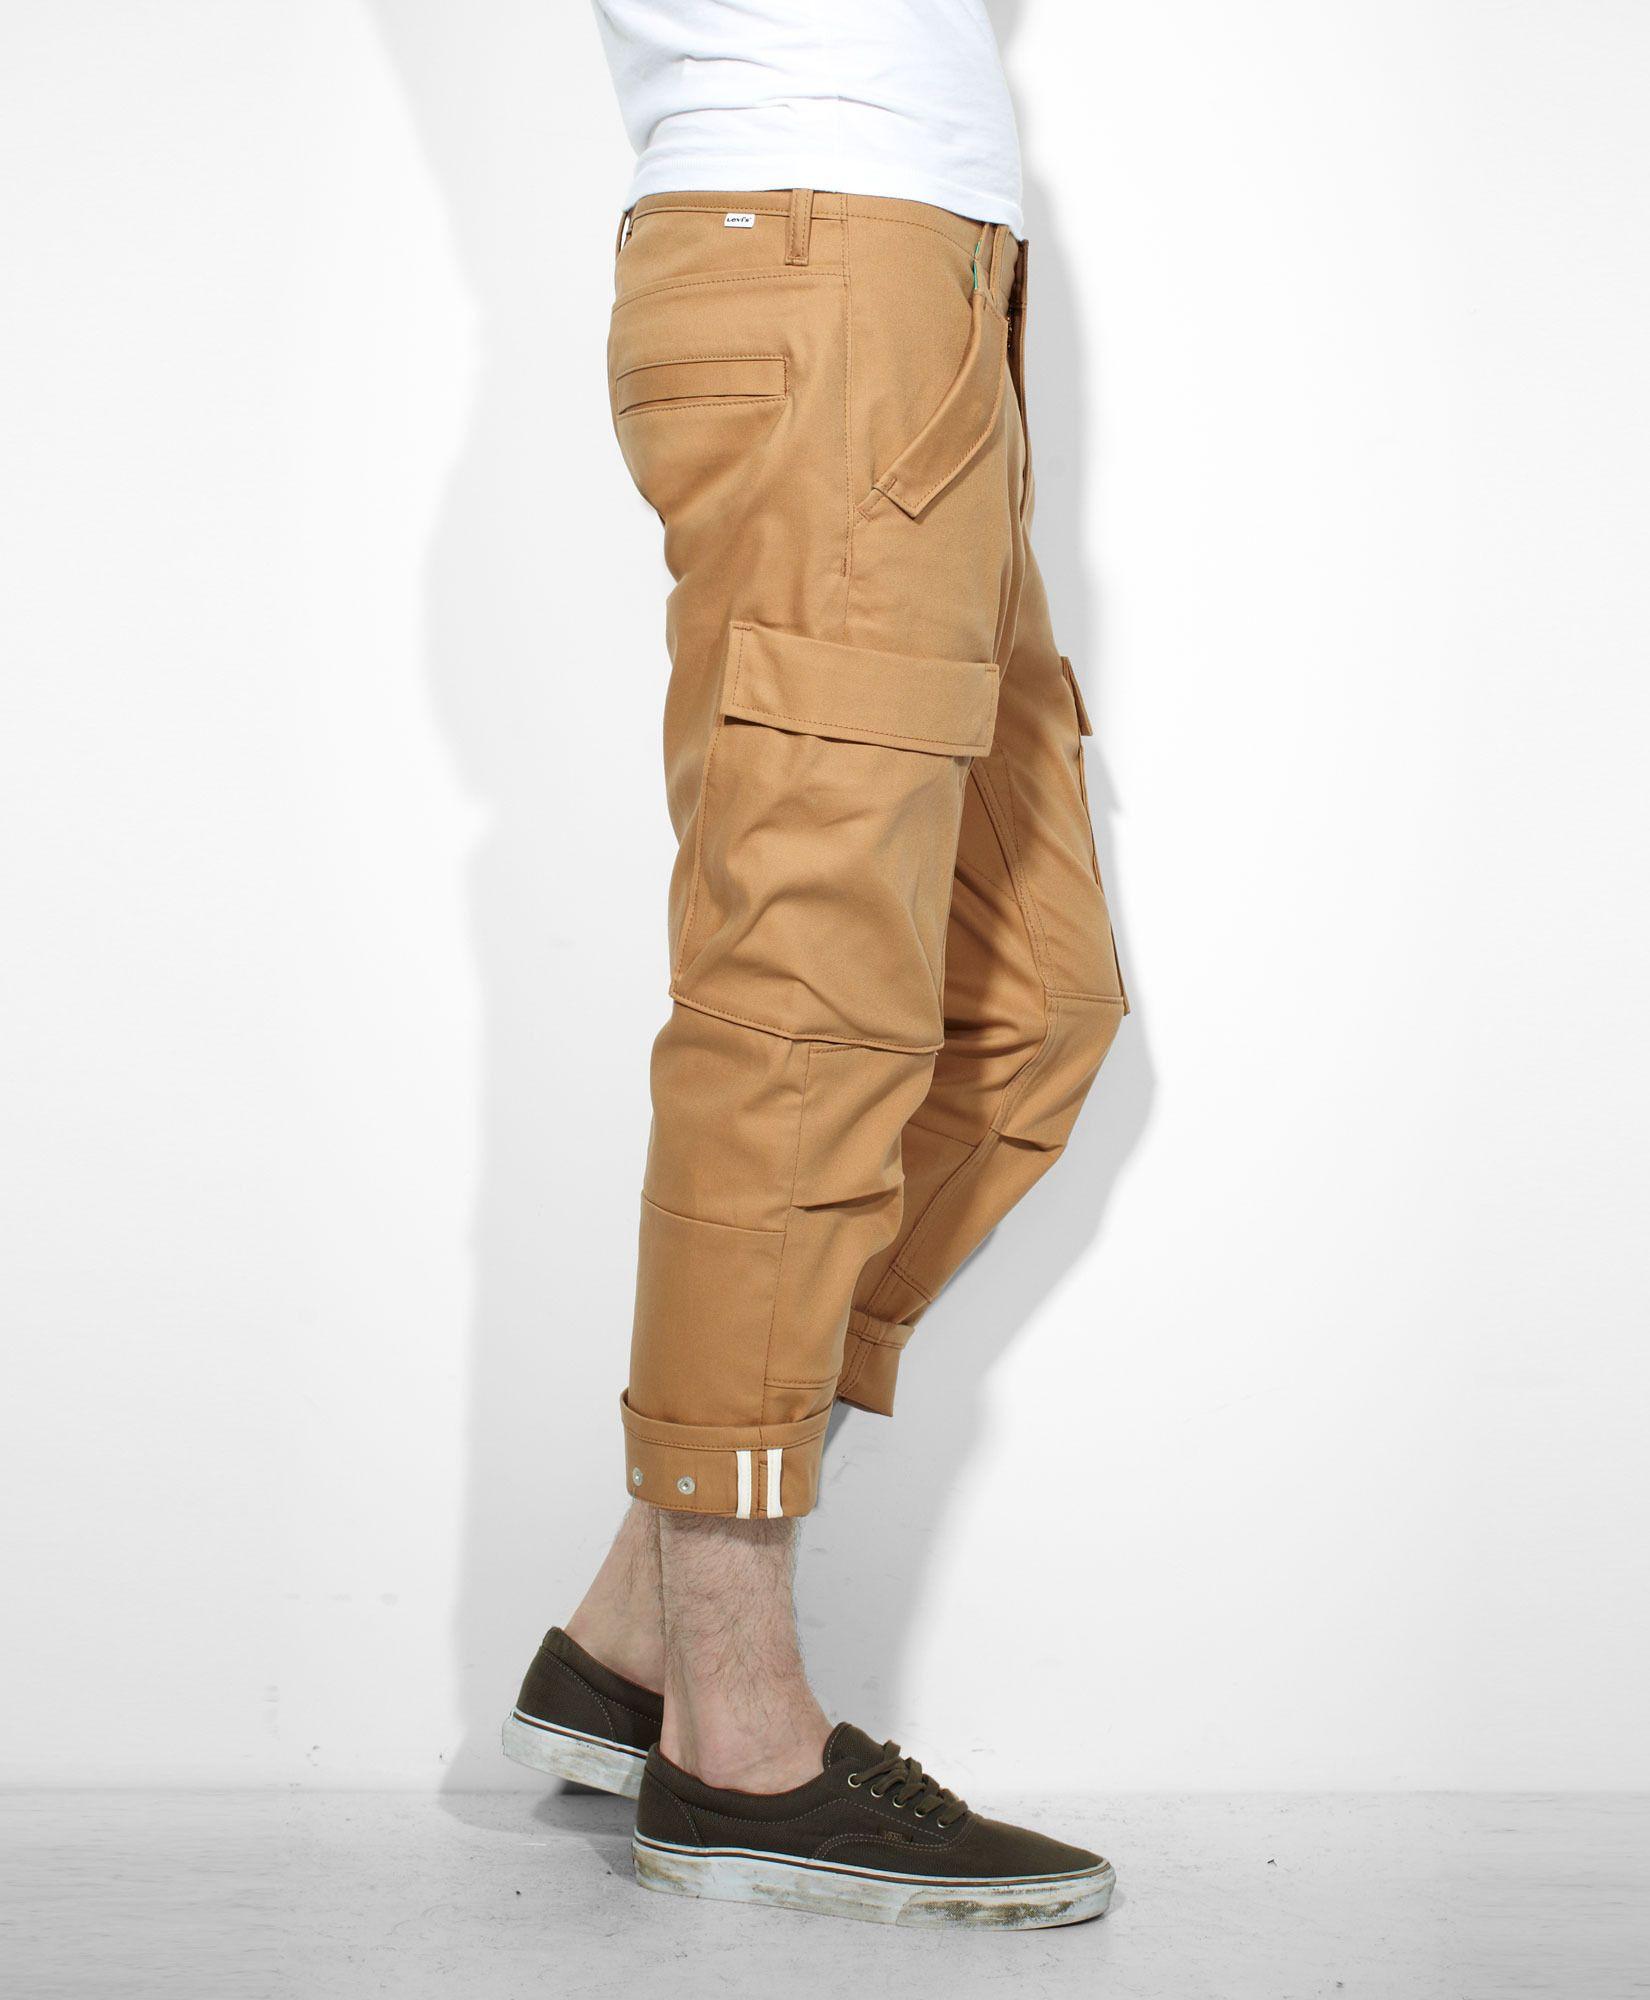 11d7e0810c9 Levis Commuter Cargo Pants - Tobacco Brown - Pants | Men's fashion ...